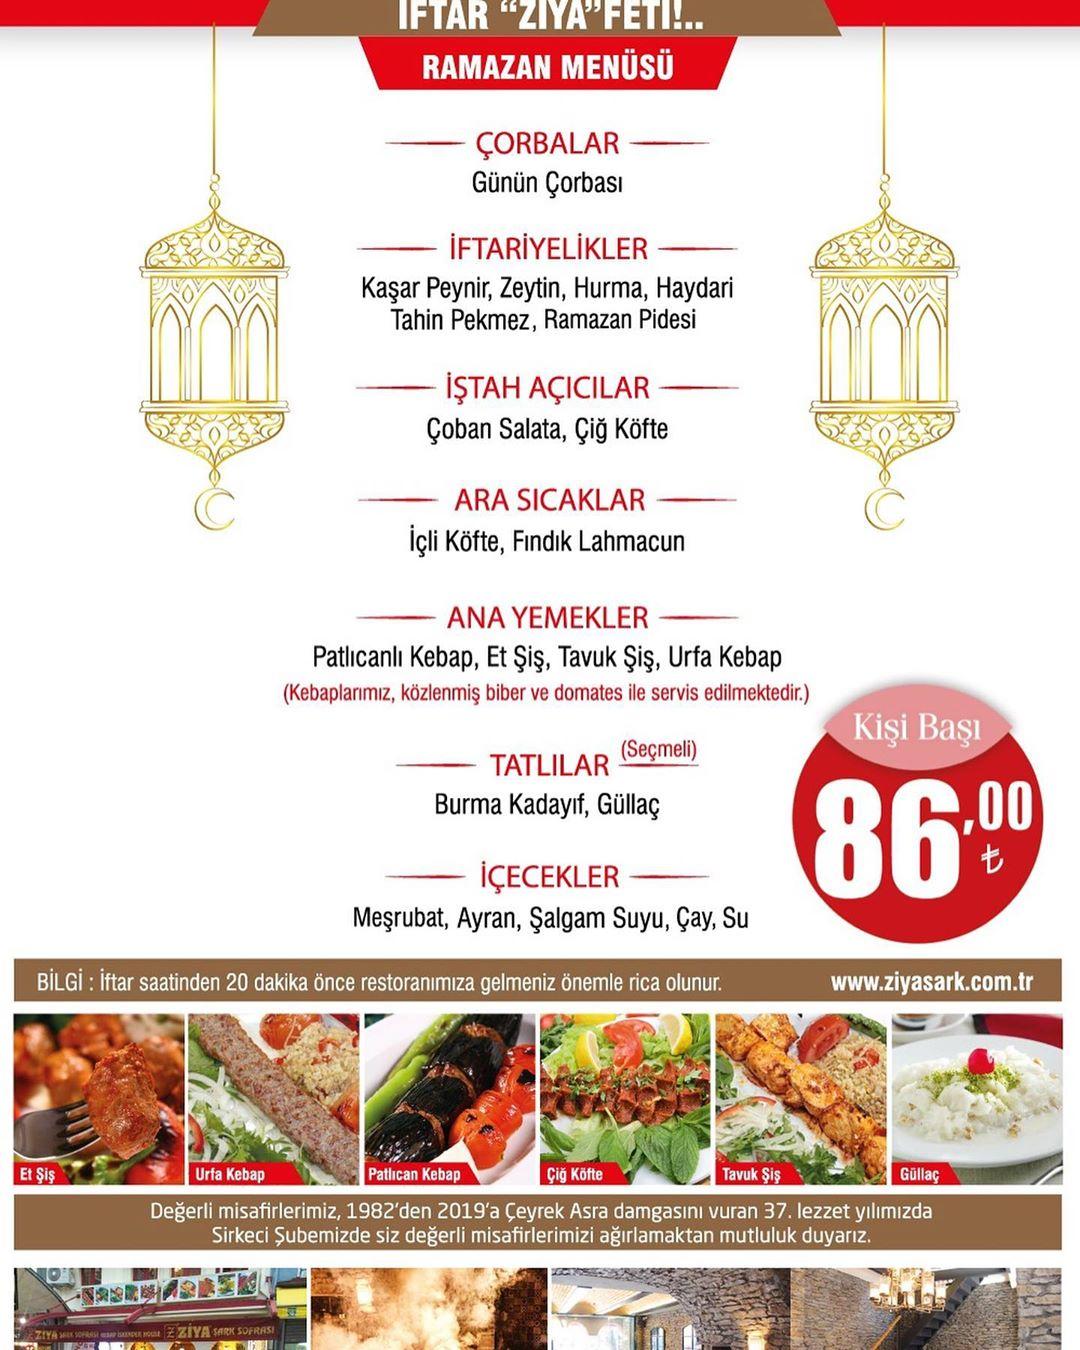 ziya şark sofrası iftar menüsü fiyatı fatih ziya şark sofrası sirkeci ziya şark sofrası sirkeci iftar menüsü